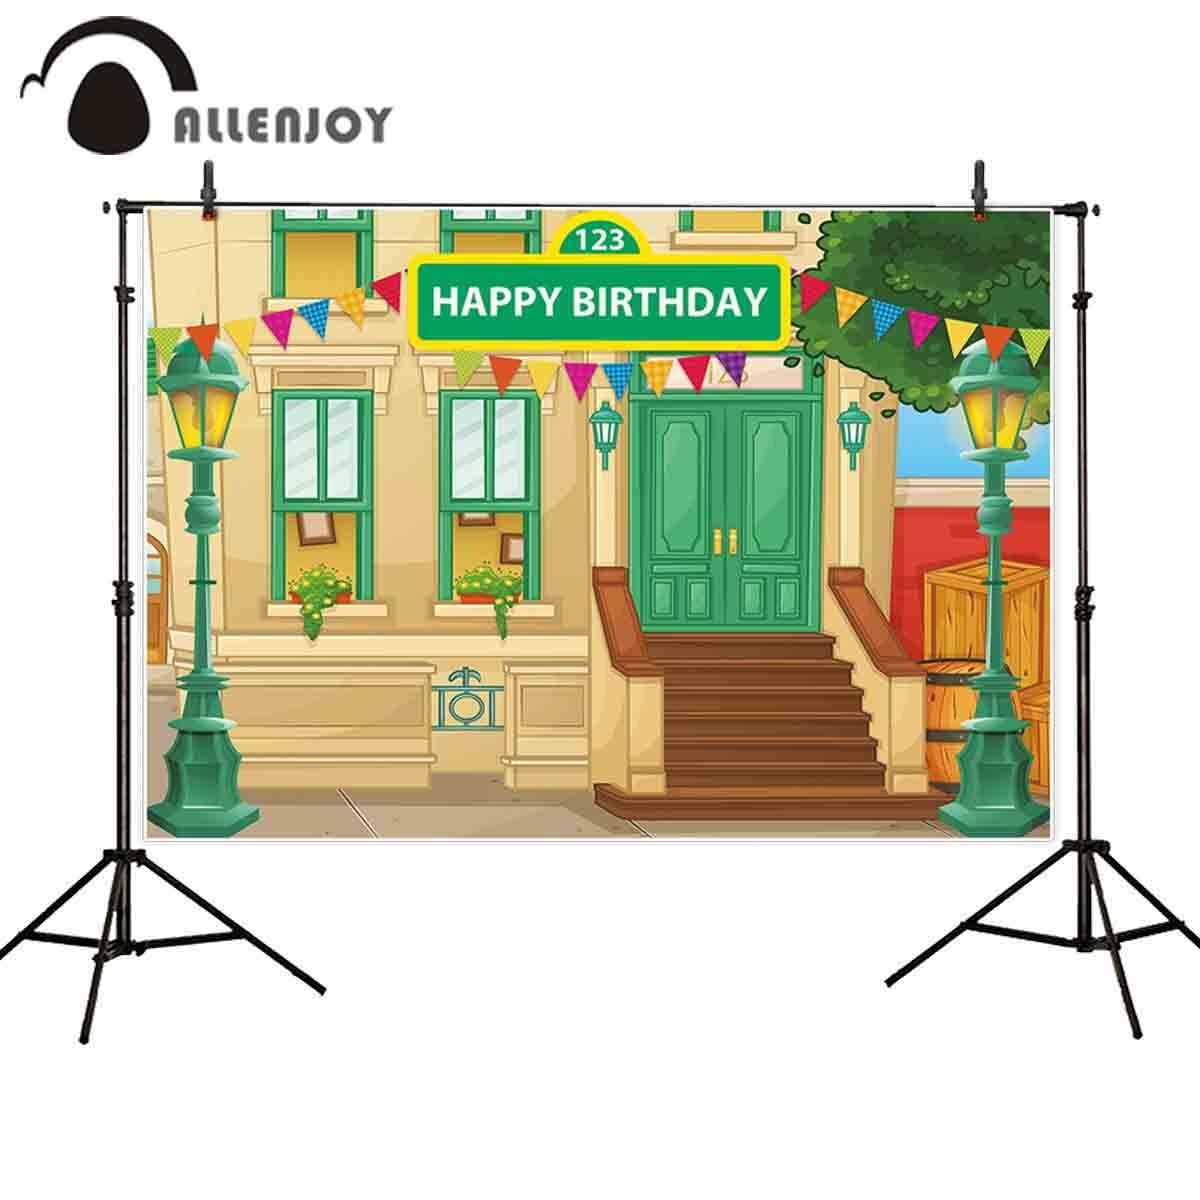 Allenjoy photophone Glücklich Geburtstag Straße lichter bunting cartoon kinder party photo fotografischen kulissen schießen